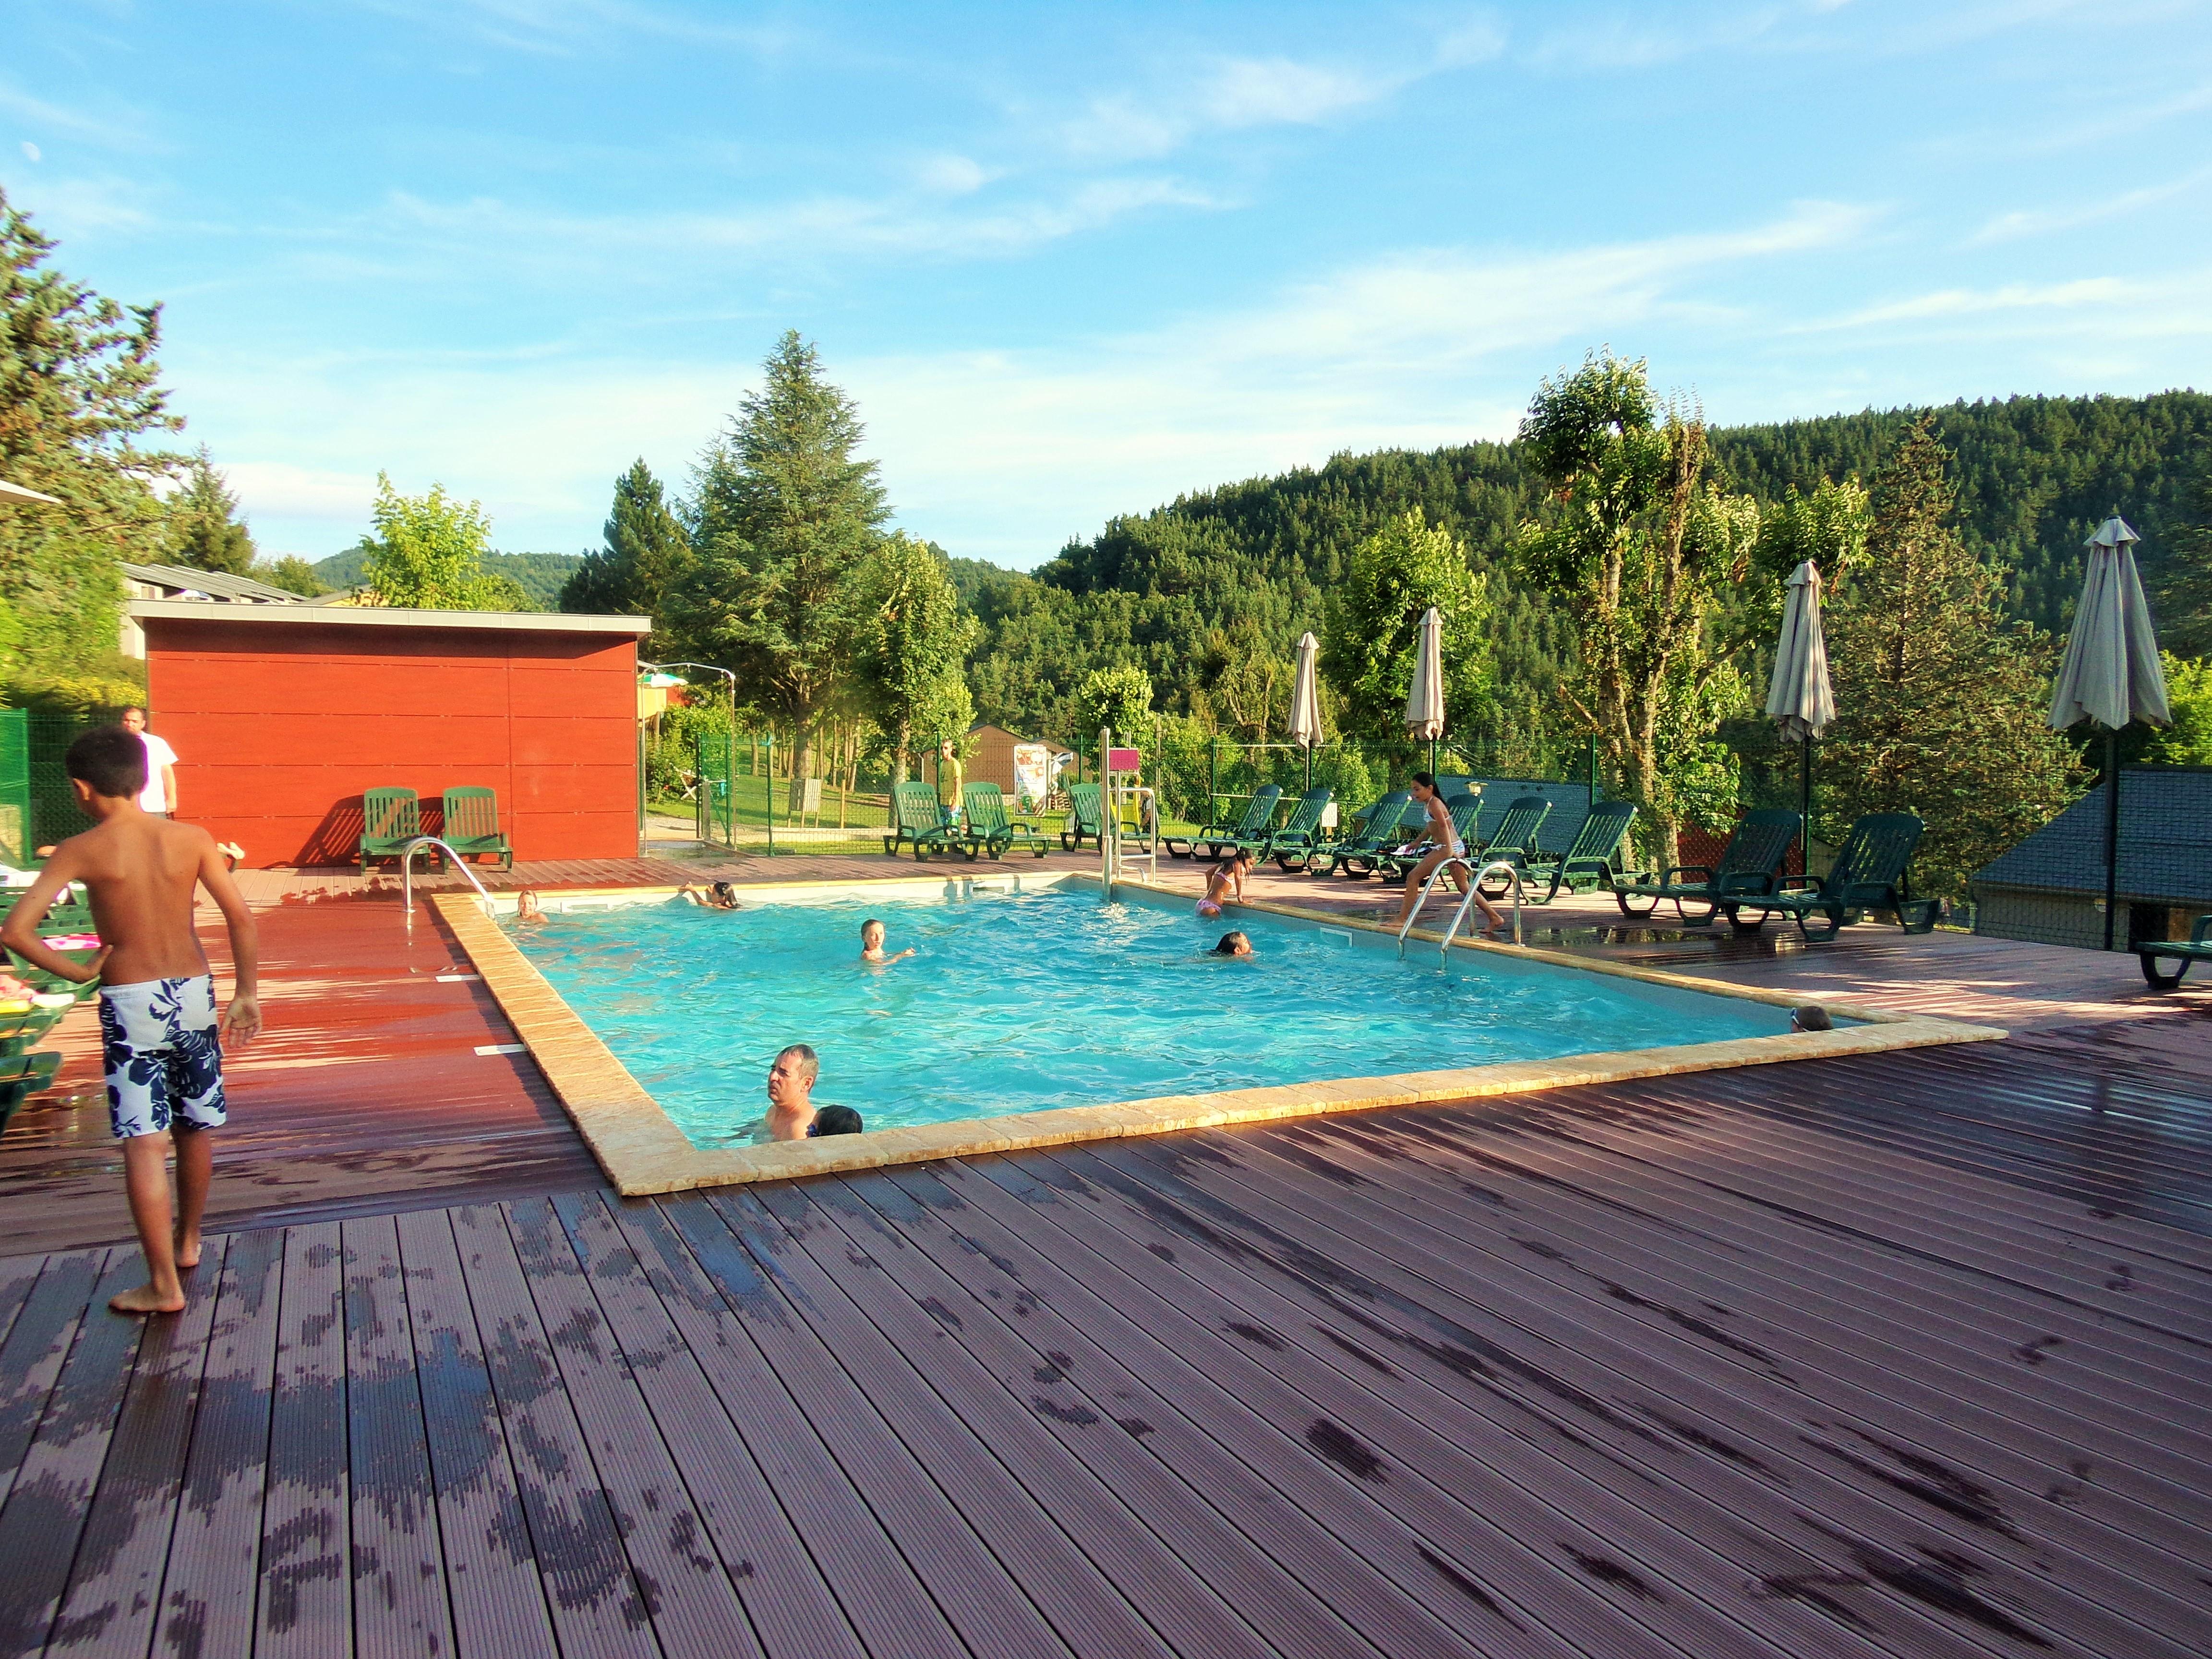 Domaine aigoual cevennes meyrueis c vennes gorges du for Camping gorges du tarn piscine